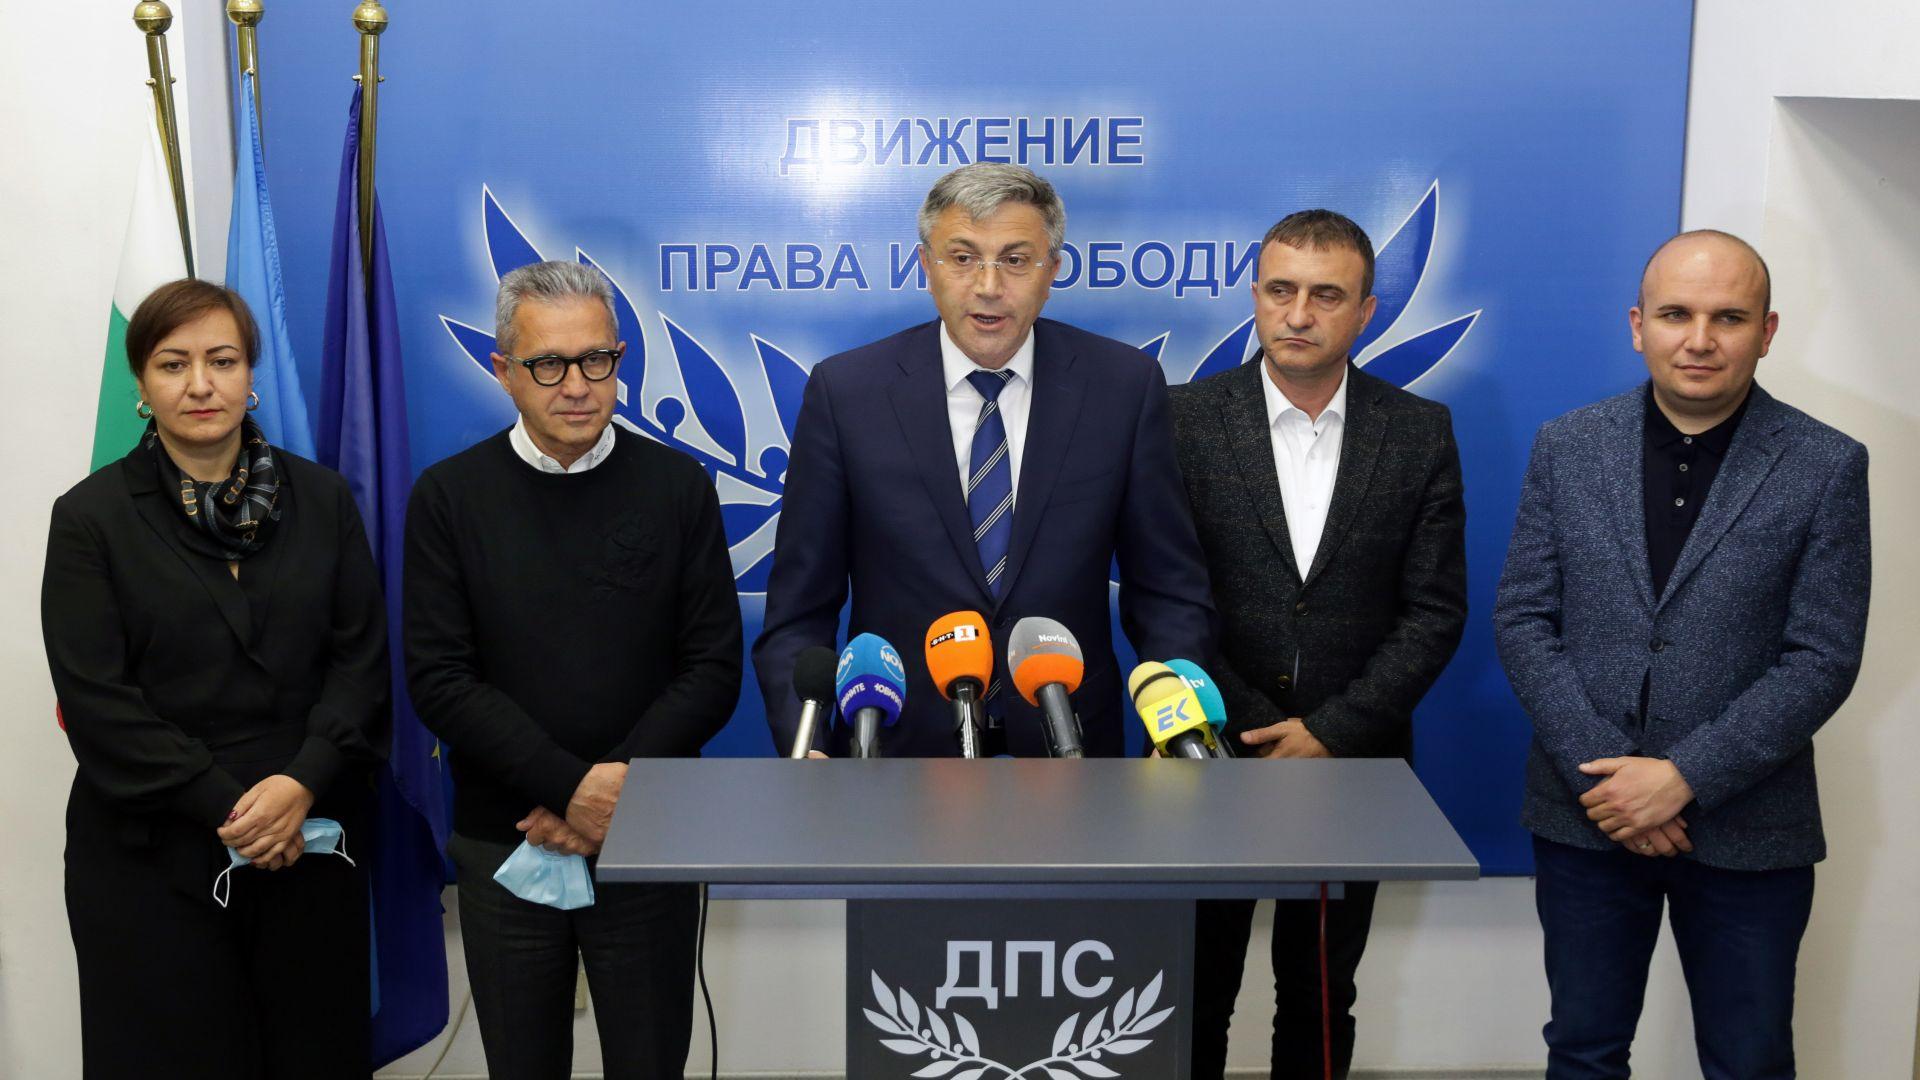 ДПС ще подкрепи новите партии в НС за съставяне на кабинет, без да участва в него